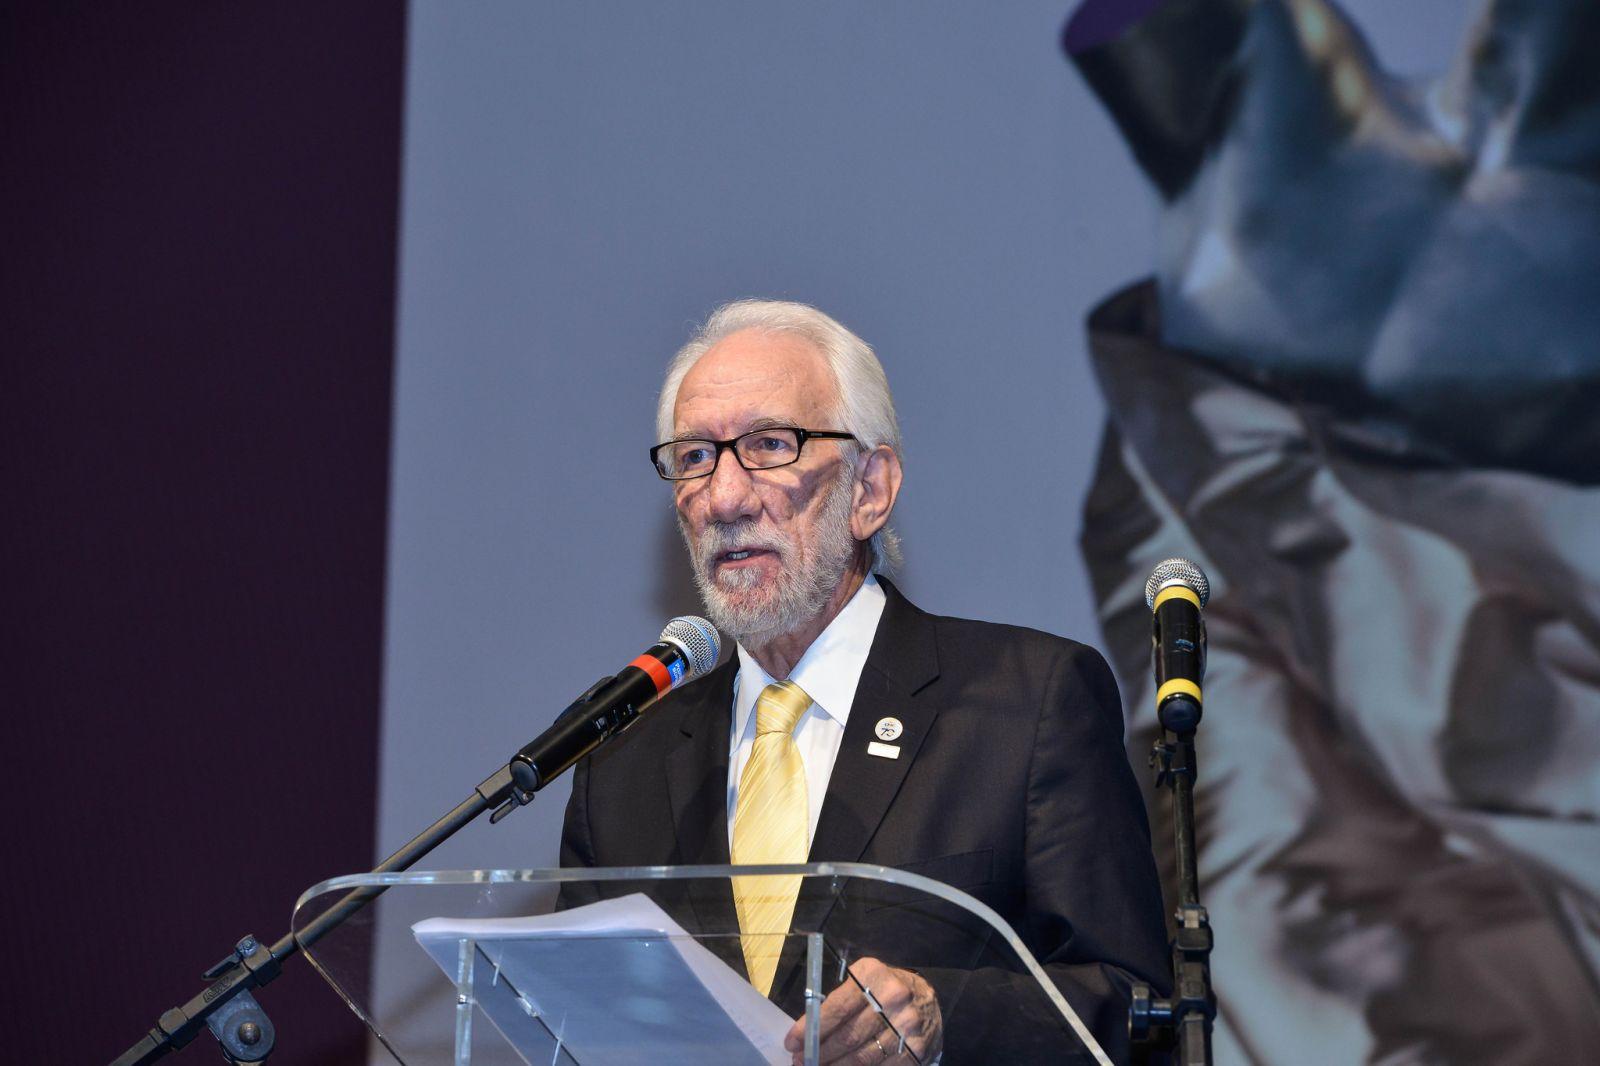 c9c4fbc17 O presidente do Sistema Fecomércio Sesc Senac PR, Darci Piana (foto),  acredita que os empreendedores do comércio de bens, serviços e turismo  travam ...